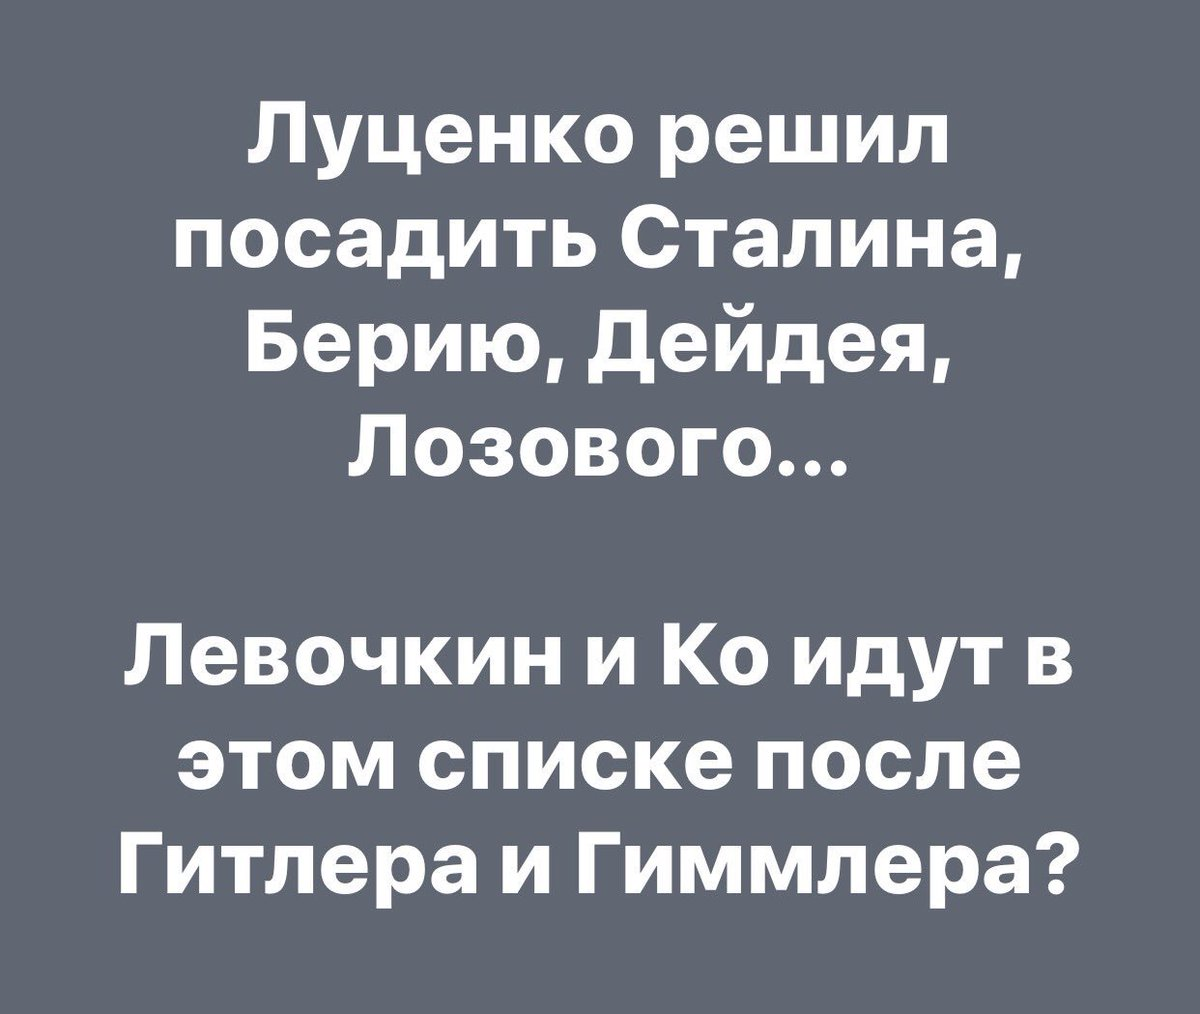 """""""Представление Луценко на Лозового - это расправа за нашу политическую позицию"""", - Ляшко - Цензор.НЕТ 9098"""